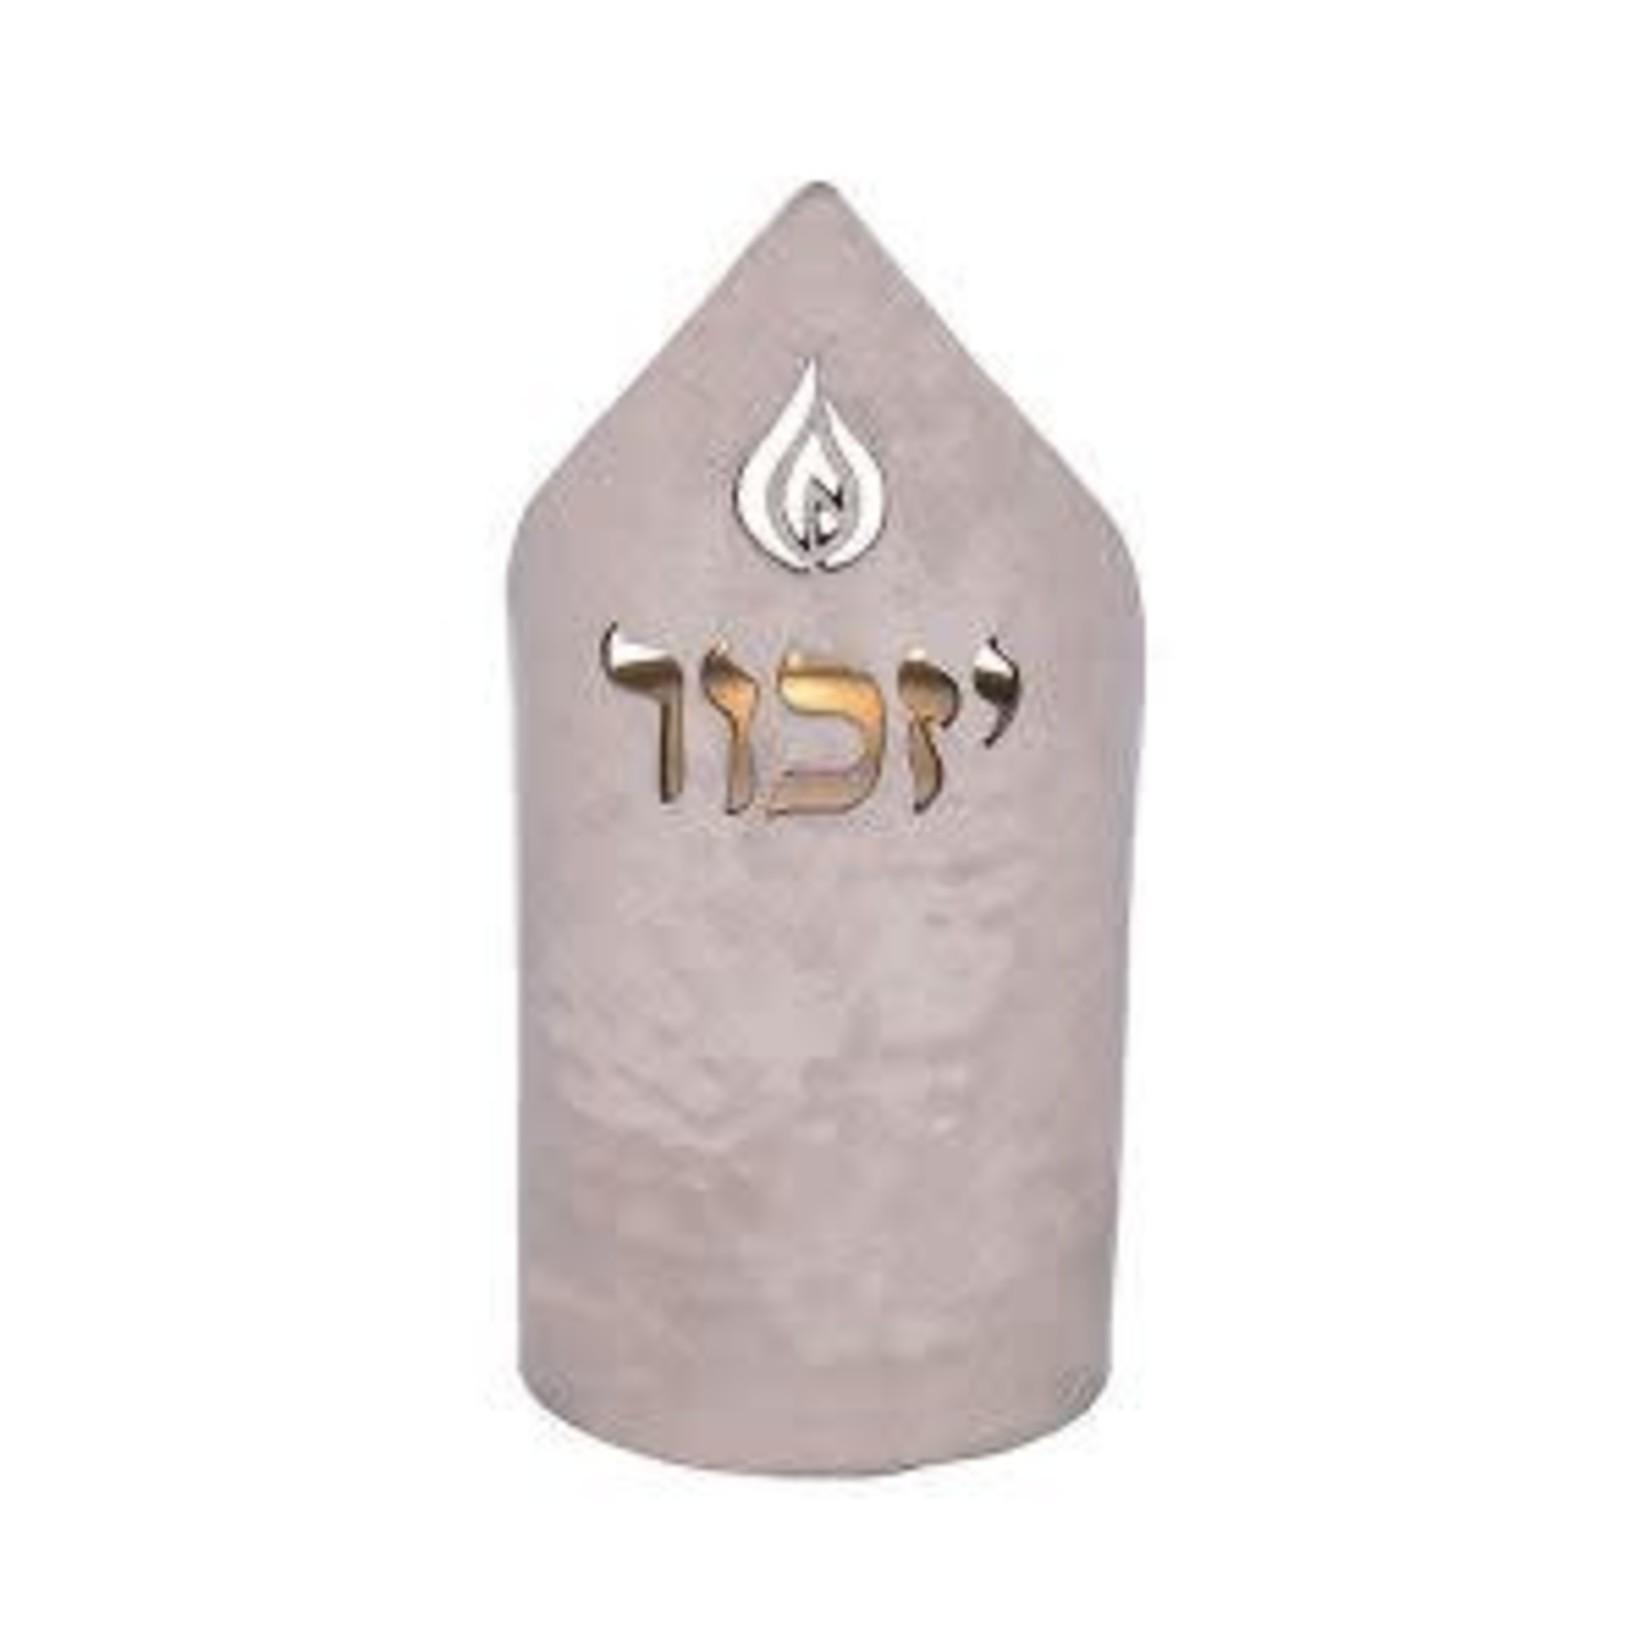 Yair Emanuel Memorial Candle Holder, Aluminum